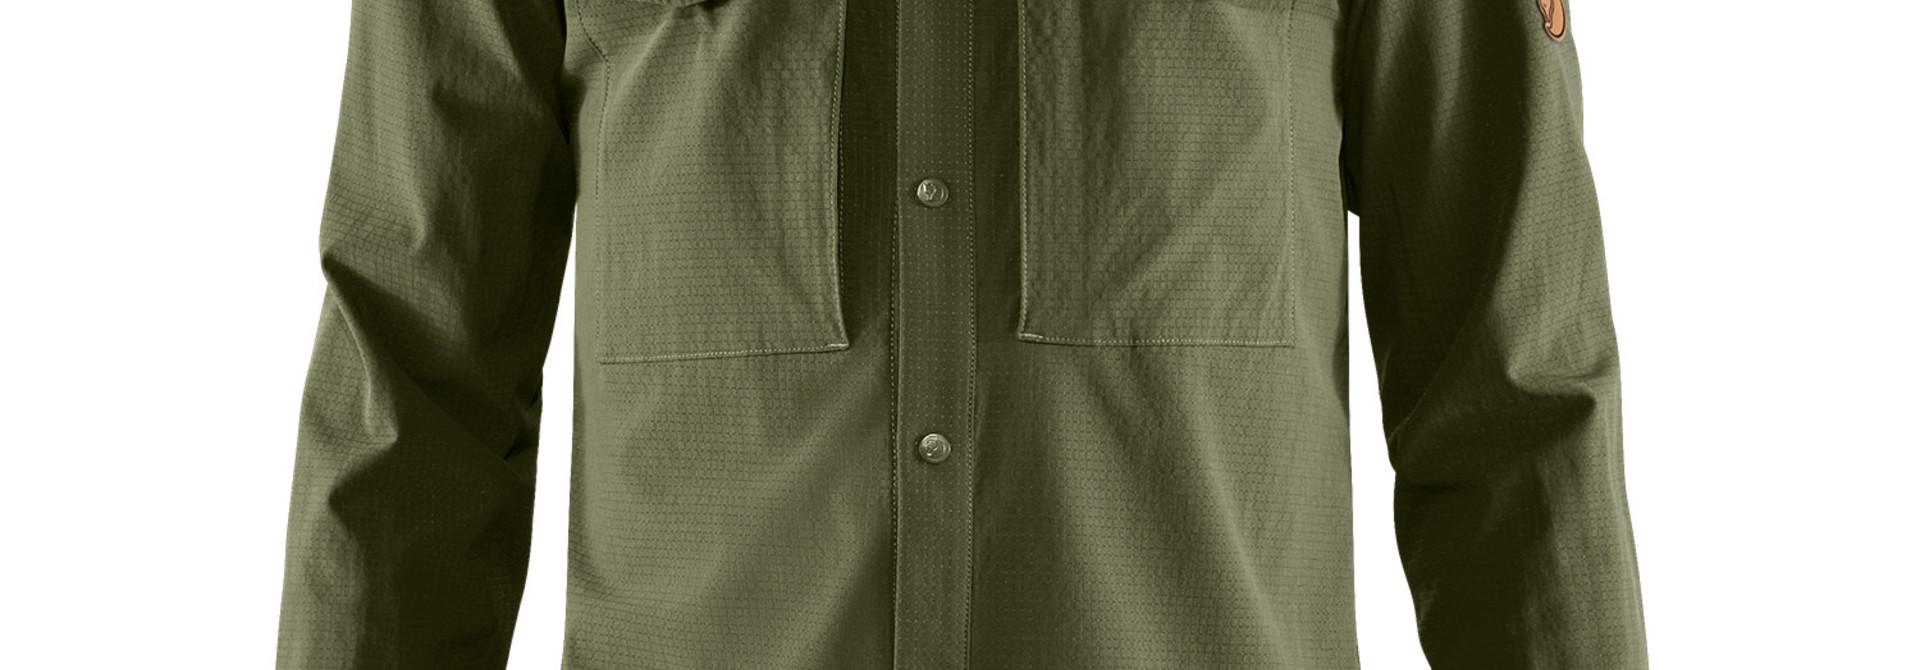 Fjällräven Abisko Trekking Shirt M Laurel Green